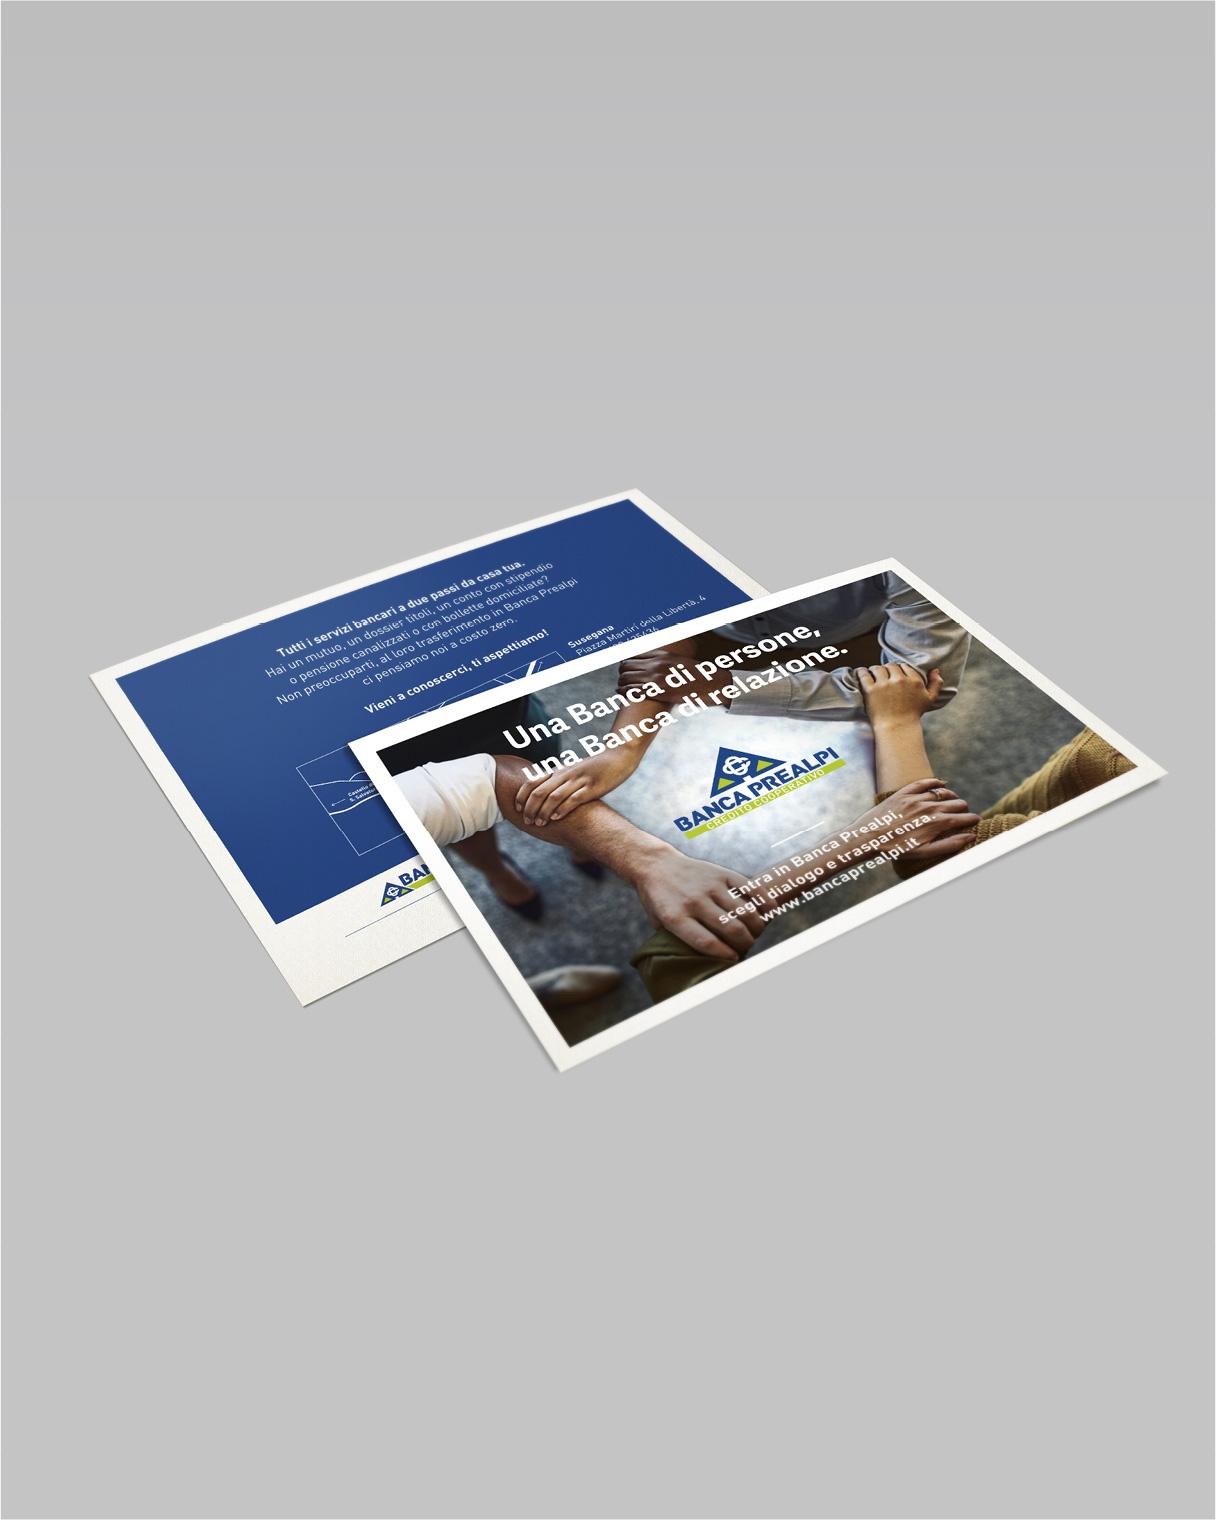 Ideazione campagne pubblicitarie flyer Banca Prealpi SanBiagio | Kora Comunicazione